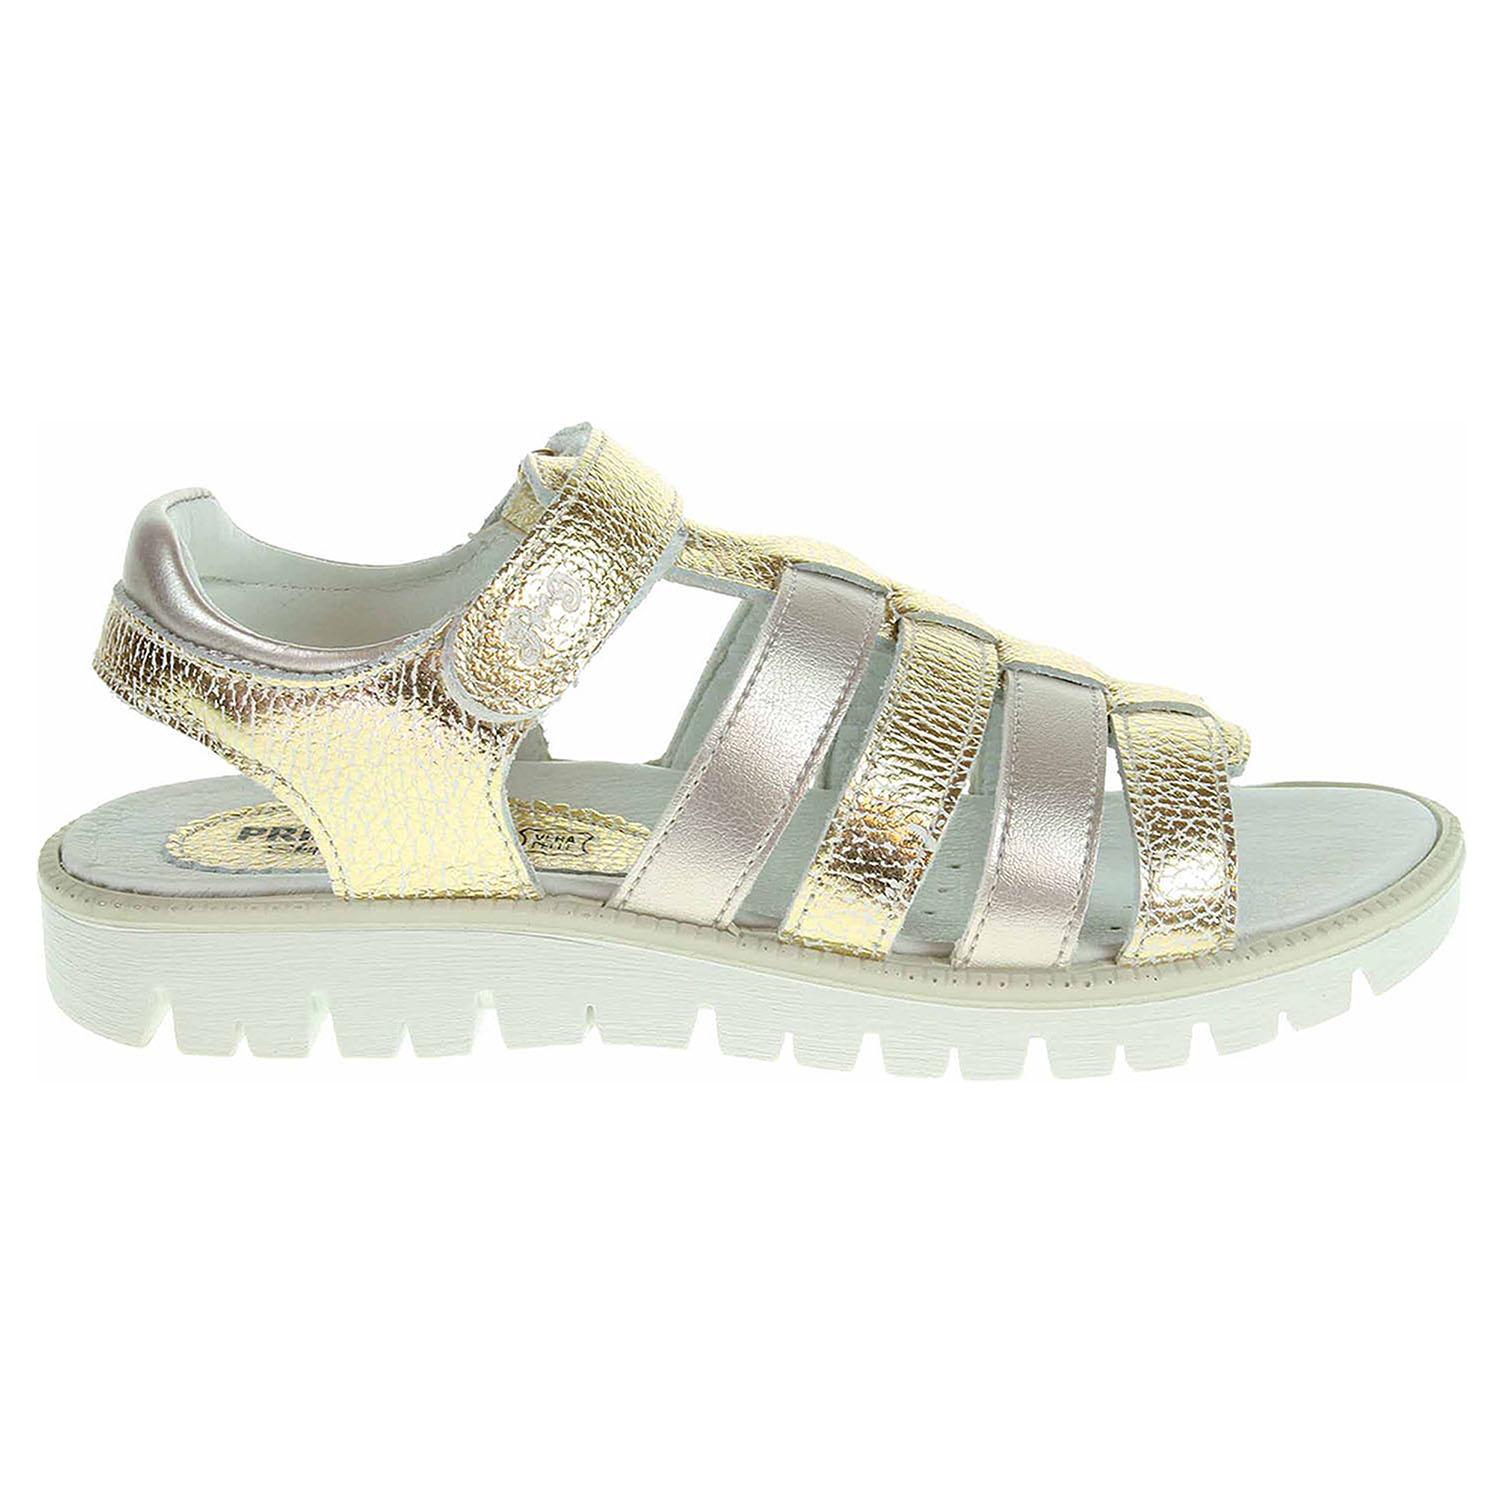 Ecco Primigi dívčí sandály 7612200 zlaté 26100121